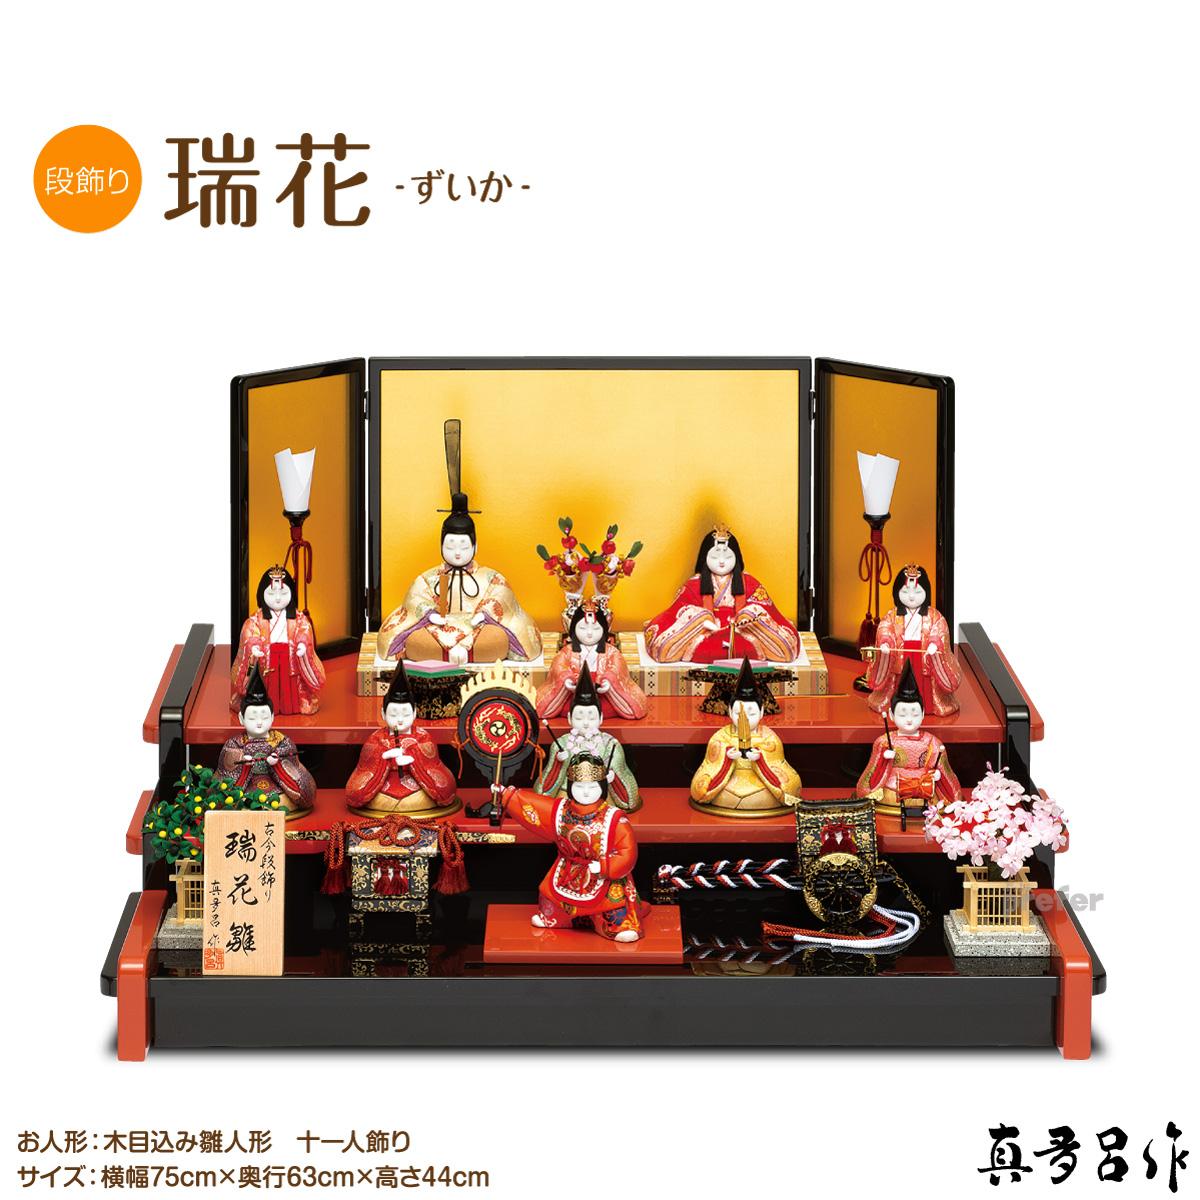 雛人形 木目込み 真多呂作瑞花(ずいか) 11人揃 おひなさま 特選